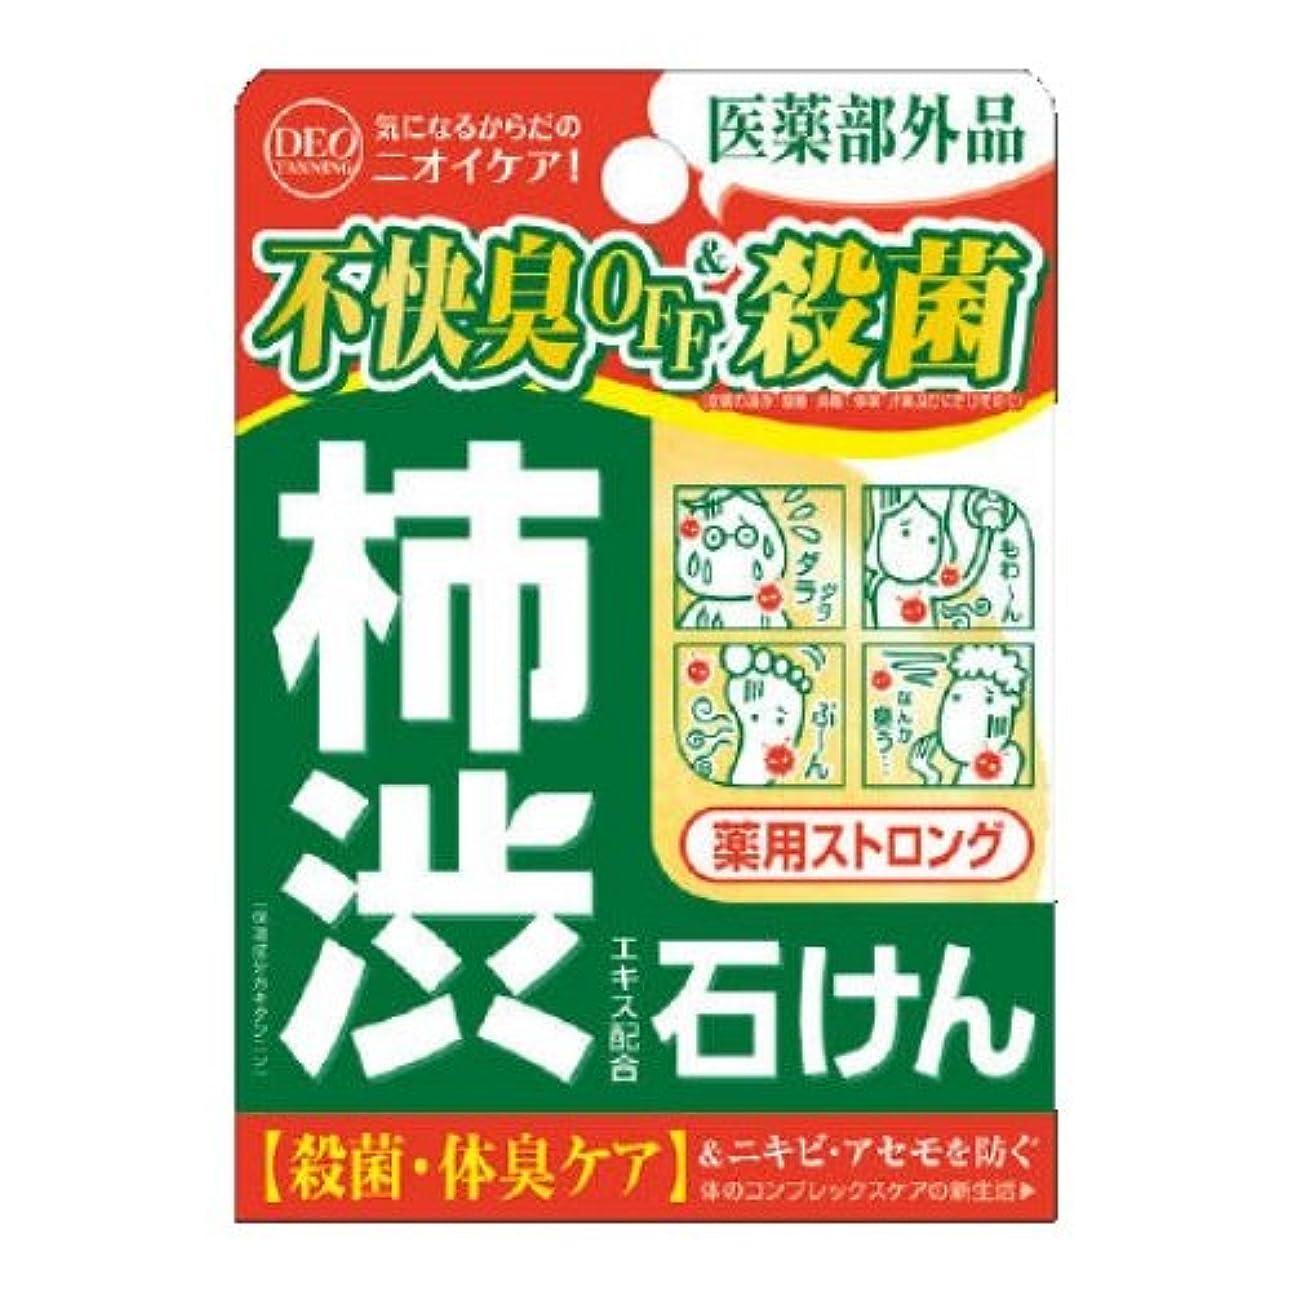 粒メンダシティ貴重なデオタンニング 薬用ストロング ソープ 100g (医薬部外品)